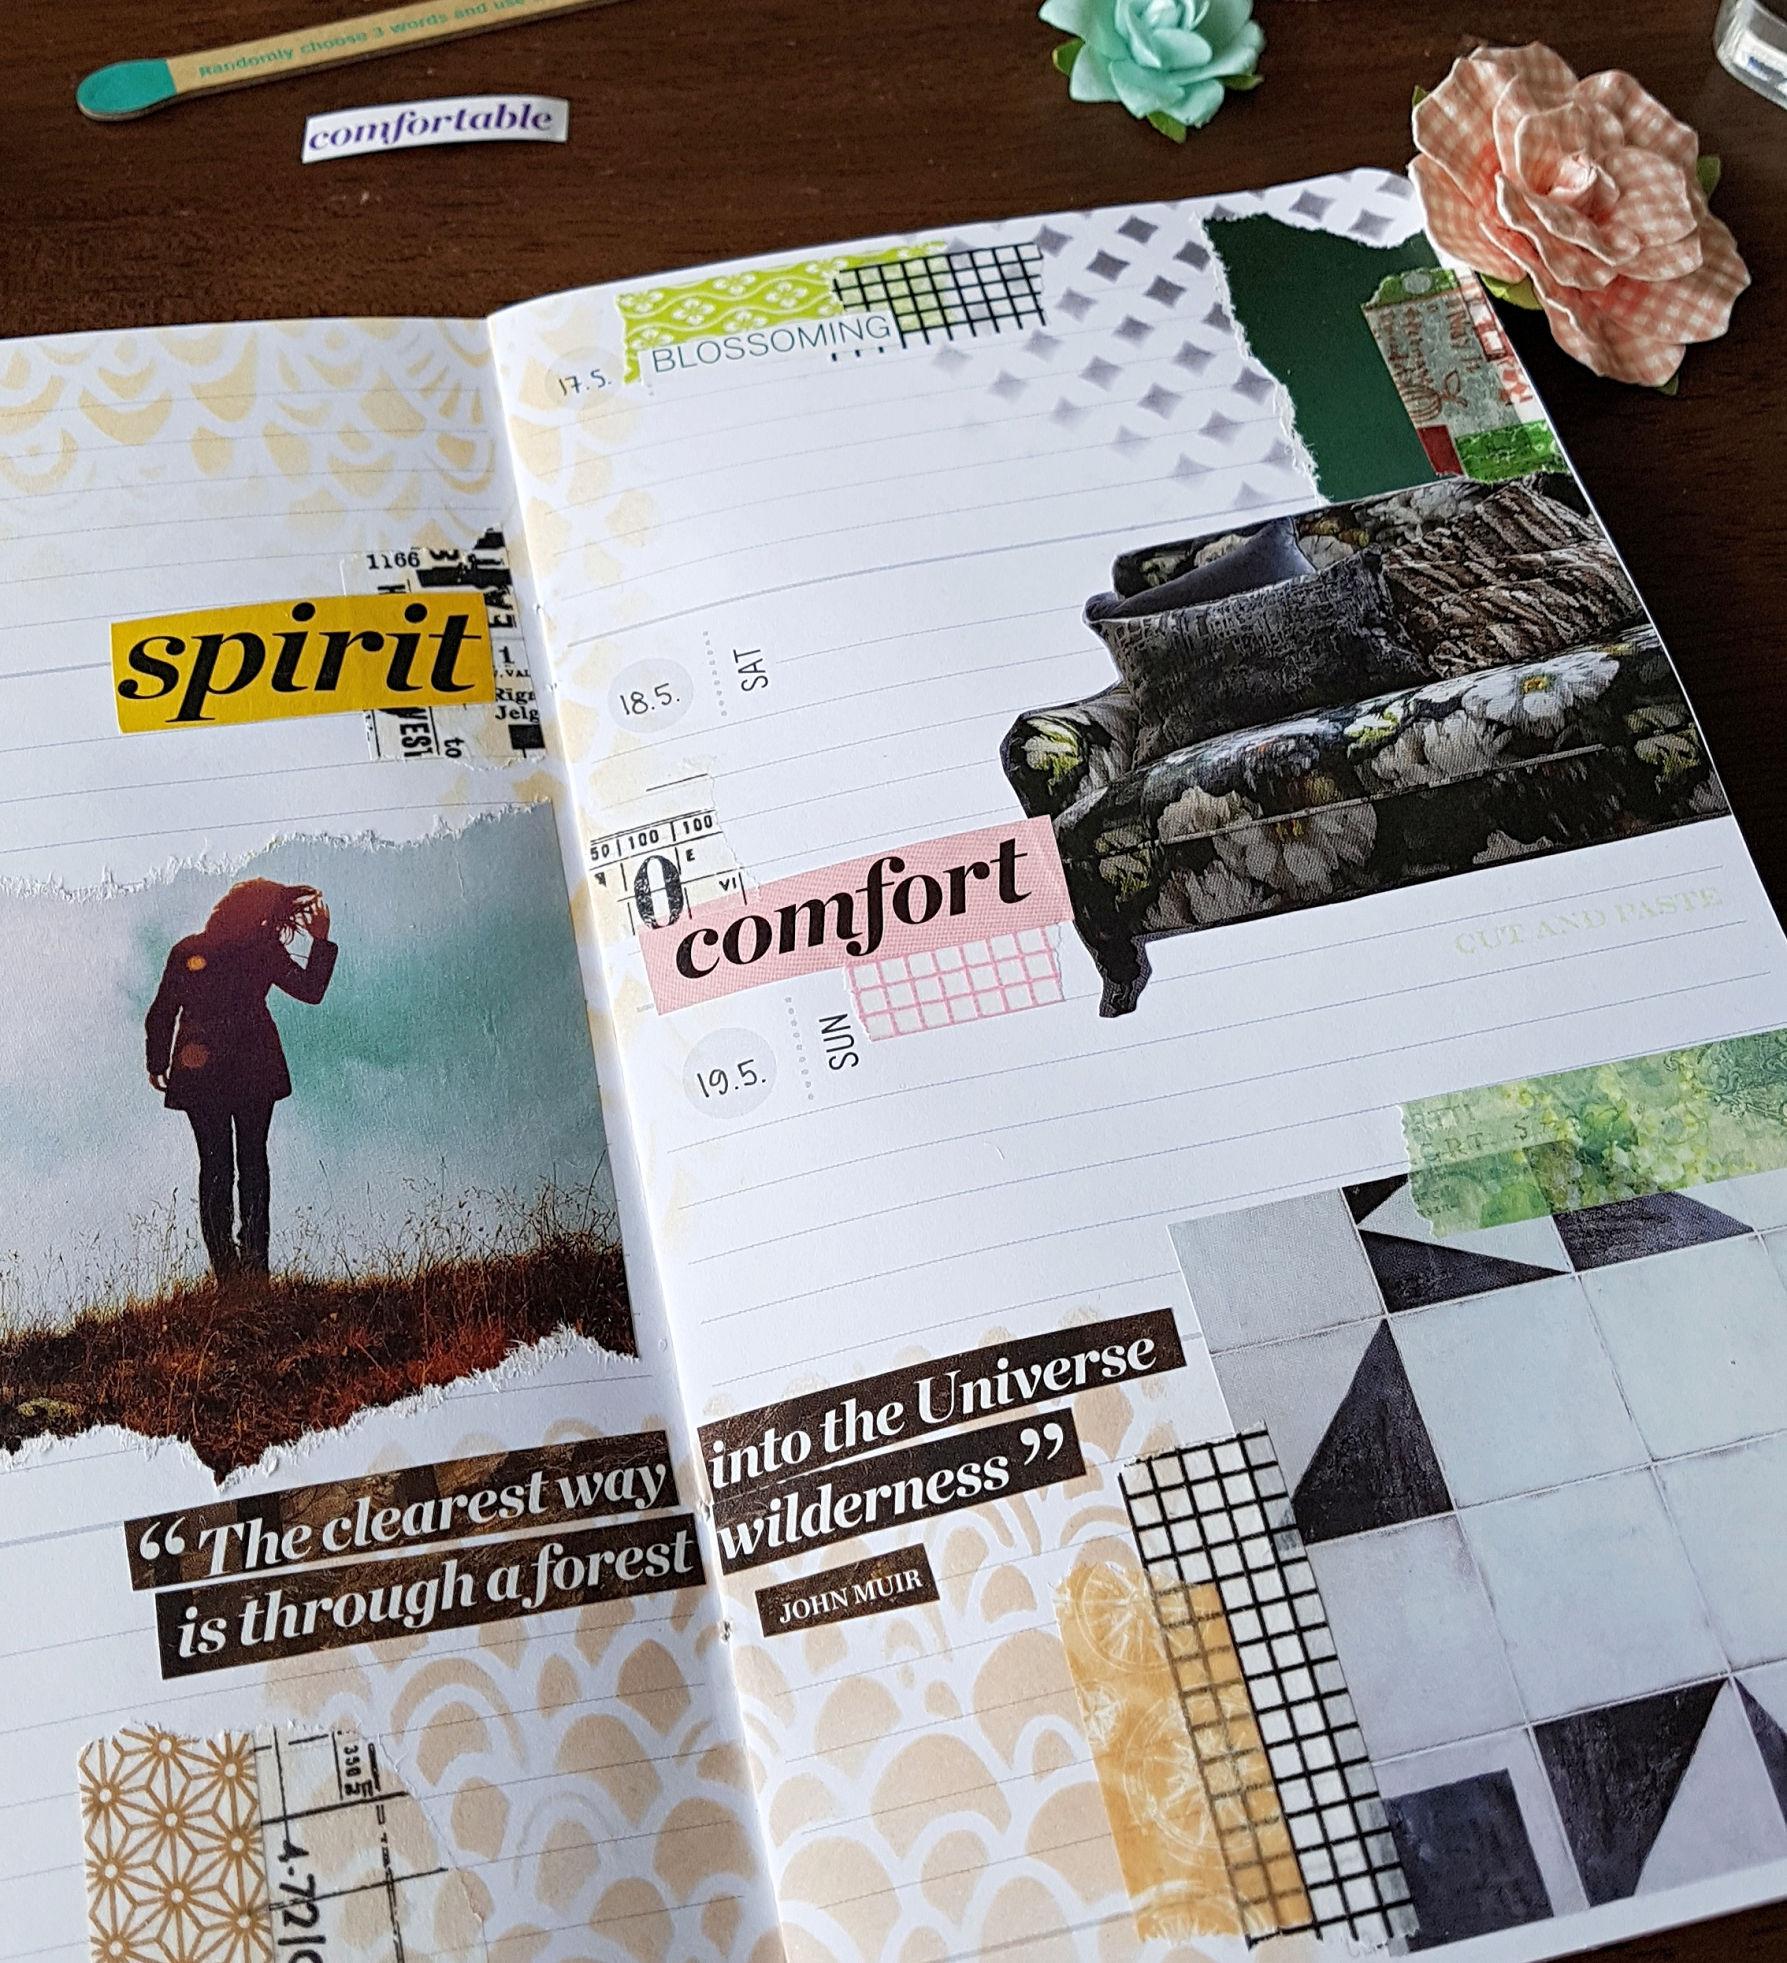 Spark Creativity - Kipinää luovuuteen - Vihkokauppa